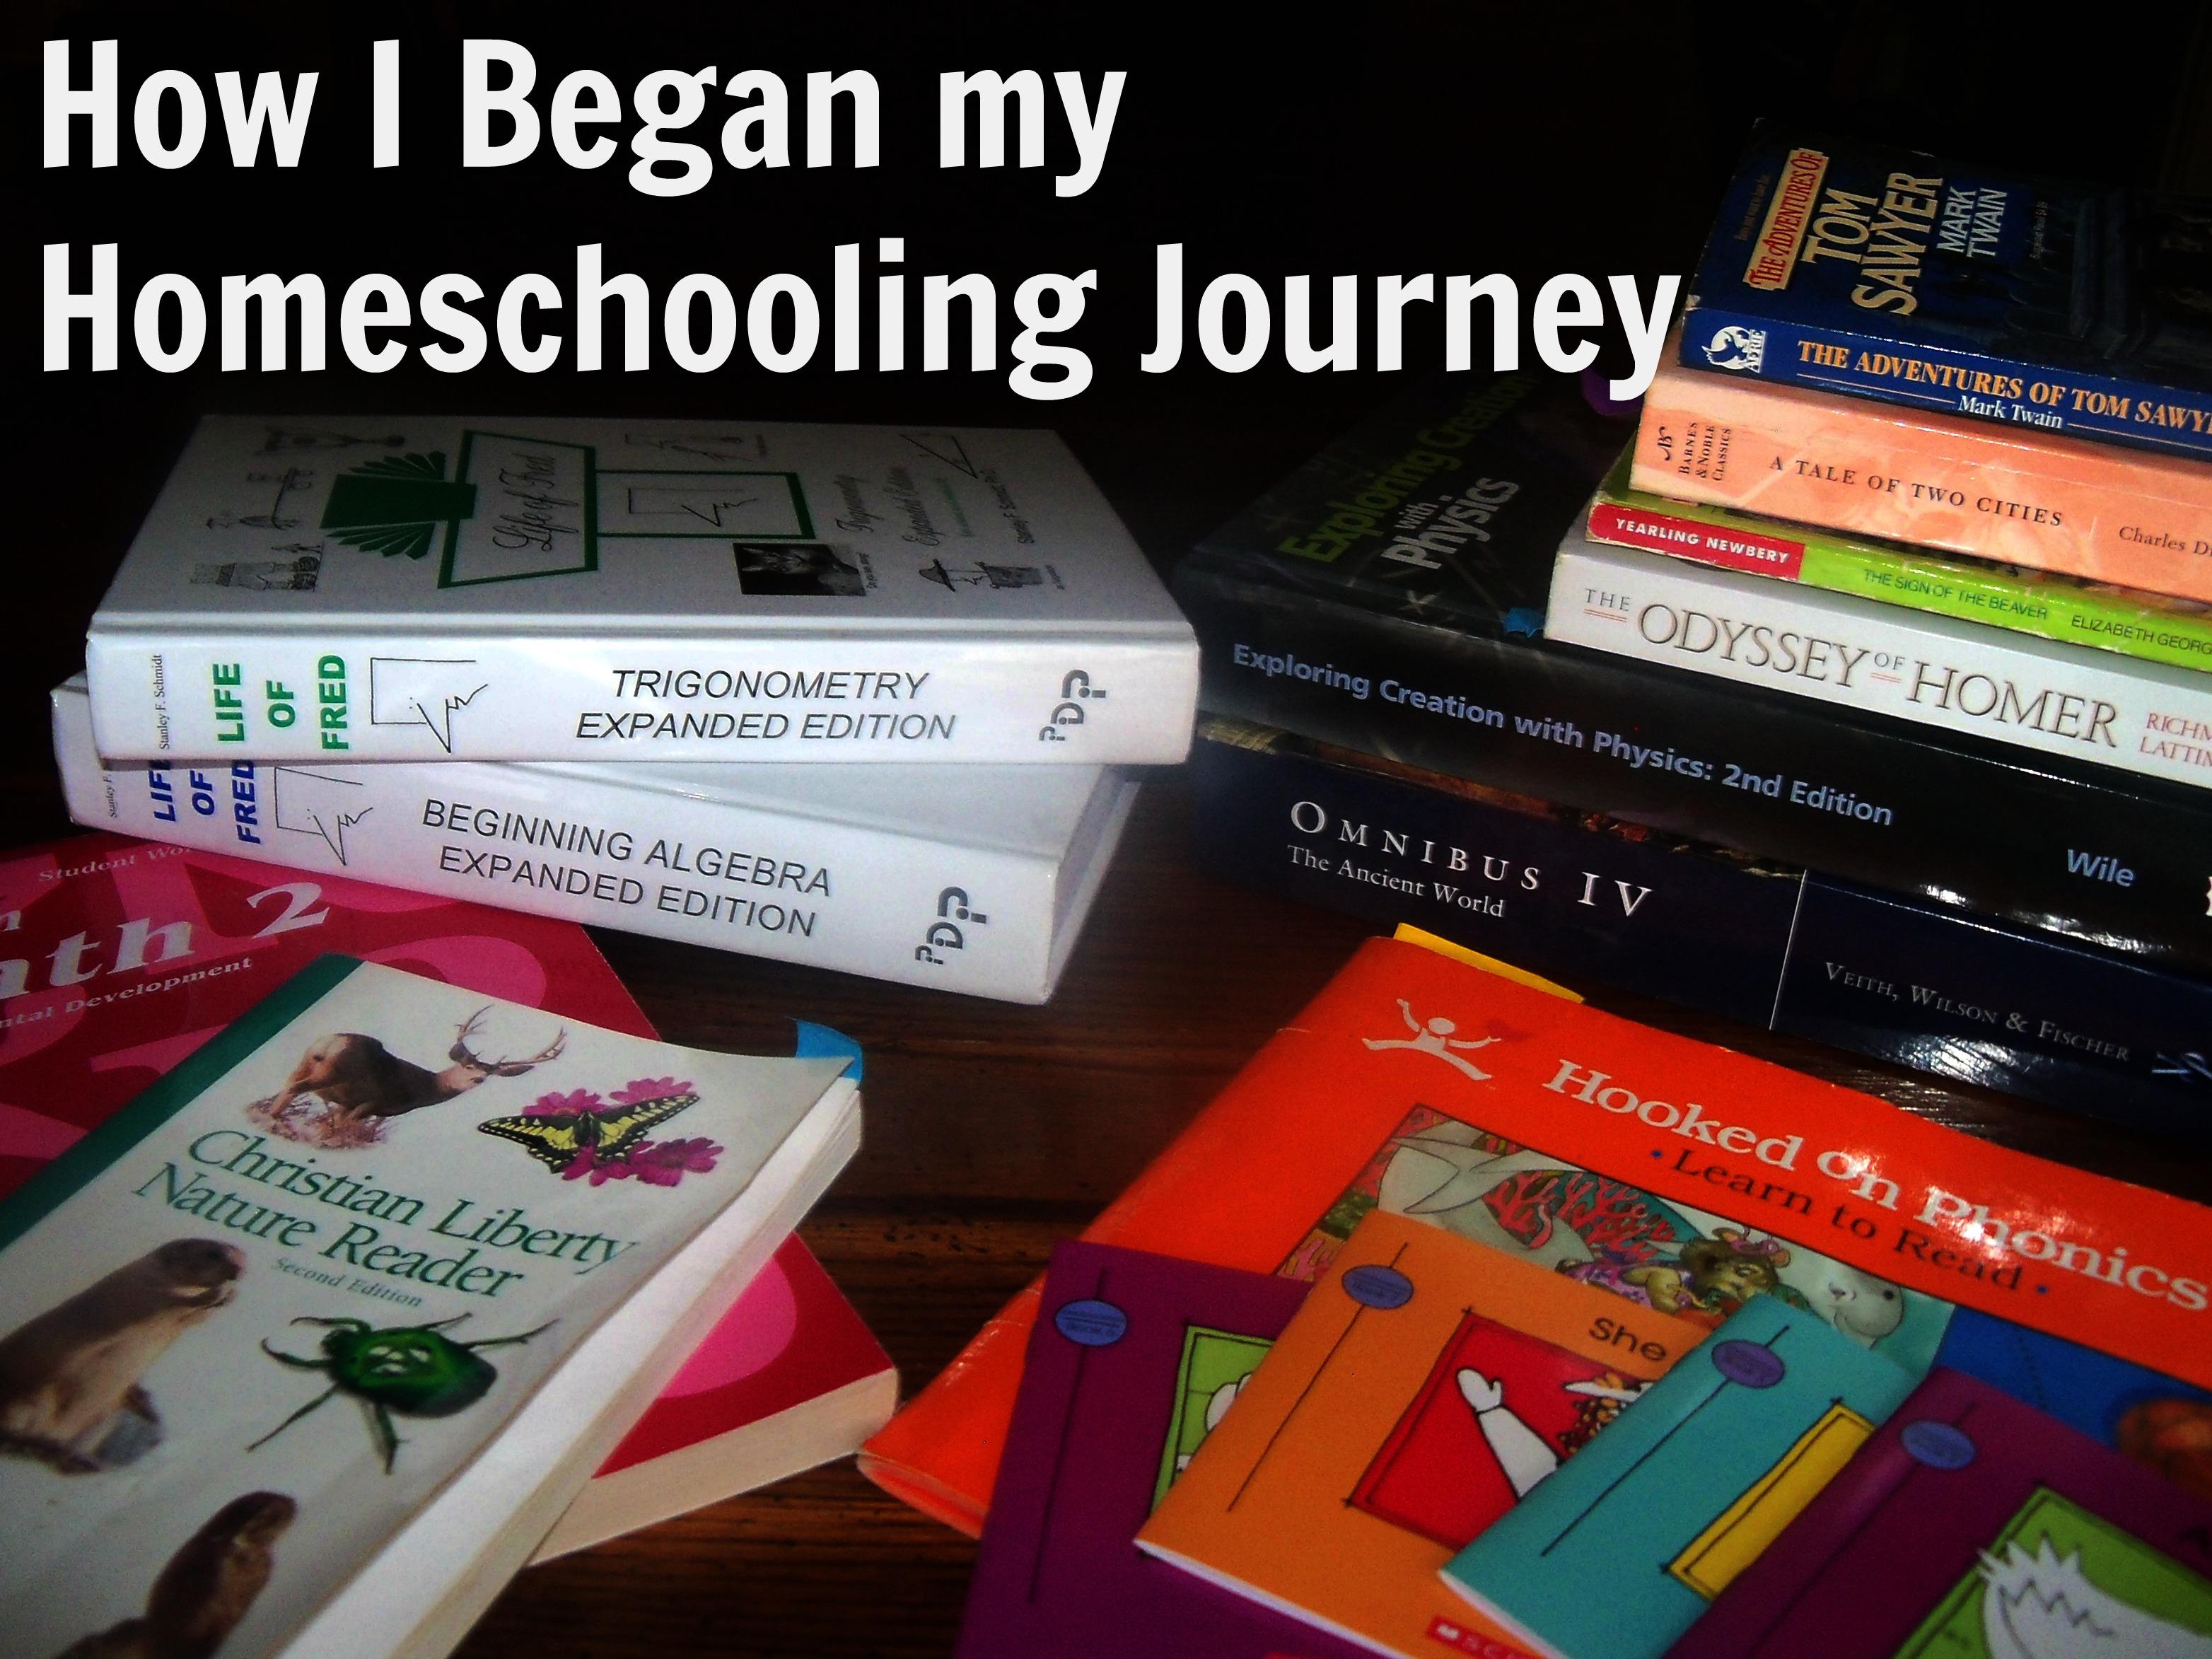 How I began my homeschooling journey